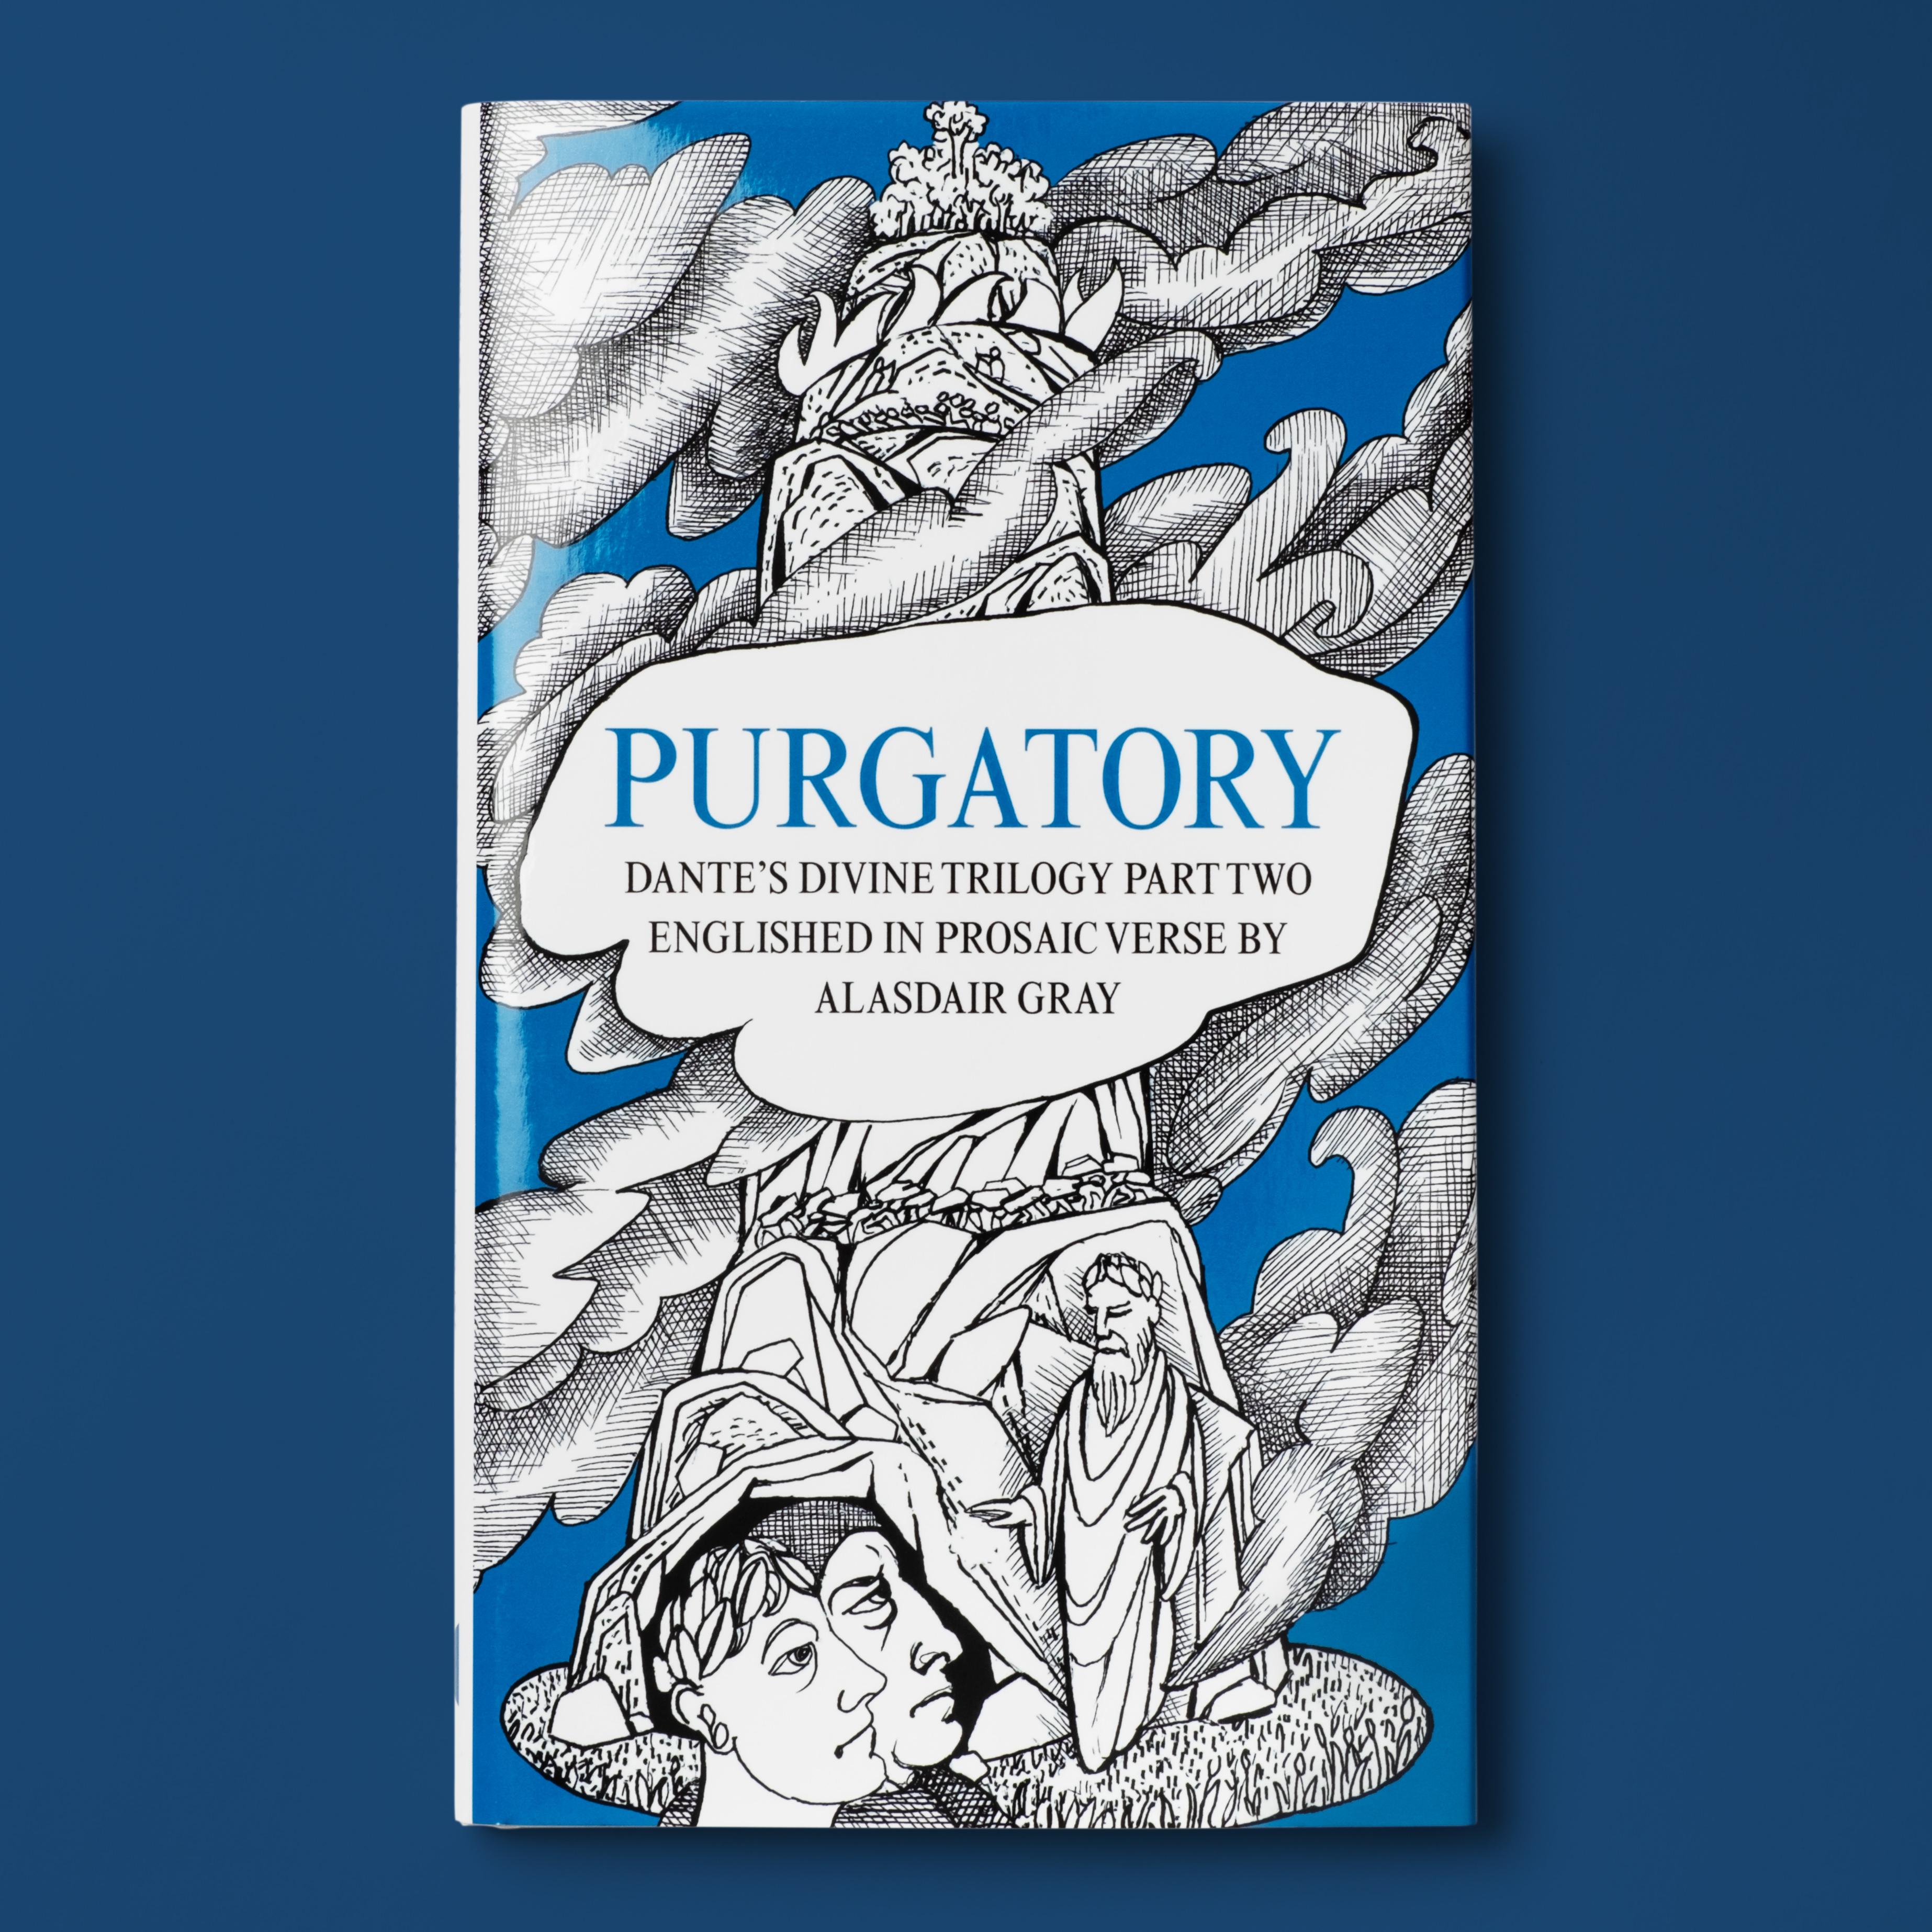 Purgatory. Cover artwork by Alasdair Gray